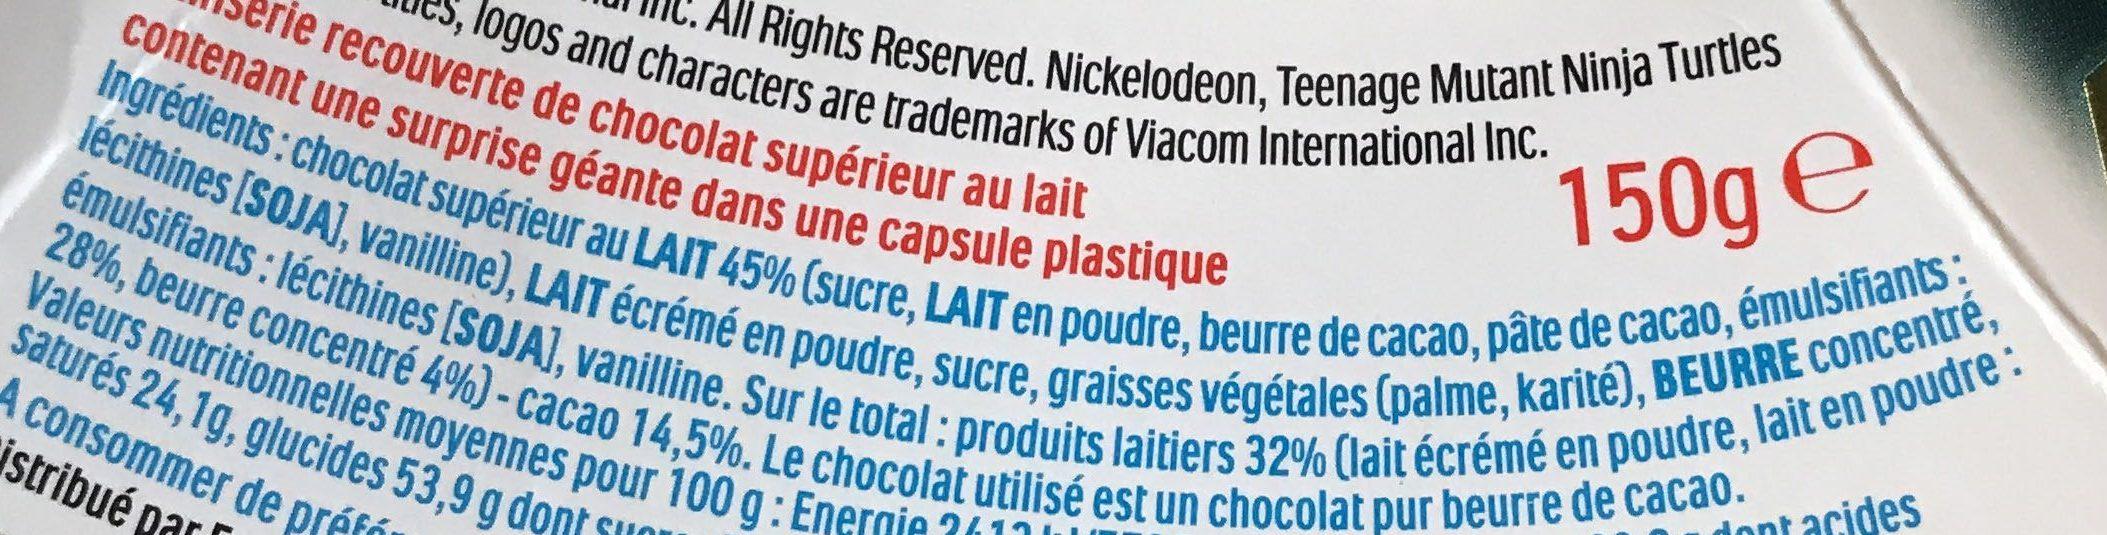 Pâques Maxi Kinder Surprise garçon œuf chocolat - Ingrediënten - fr